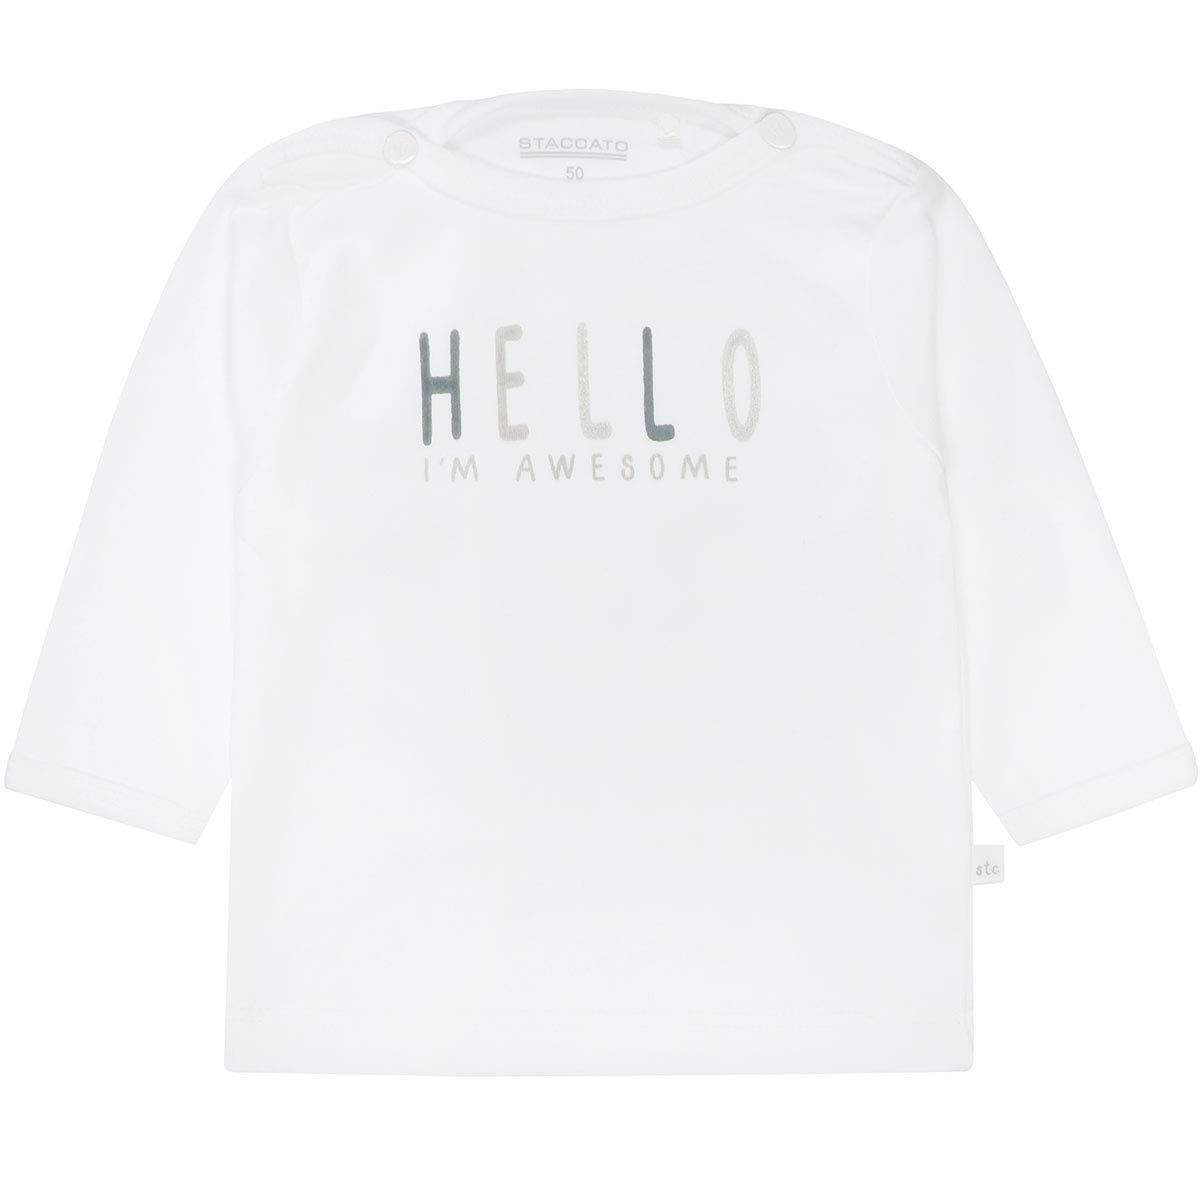 Baby Shirt Hello 230070580 White Staccato Unisex